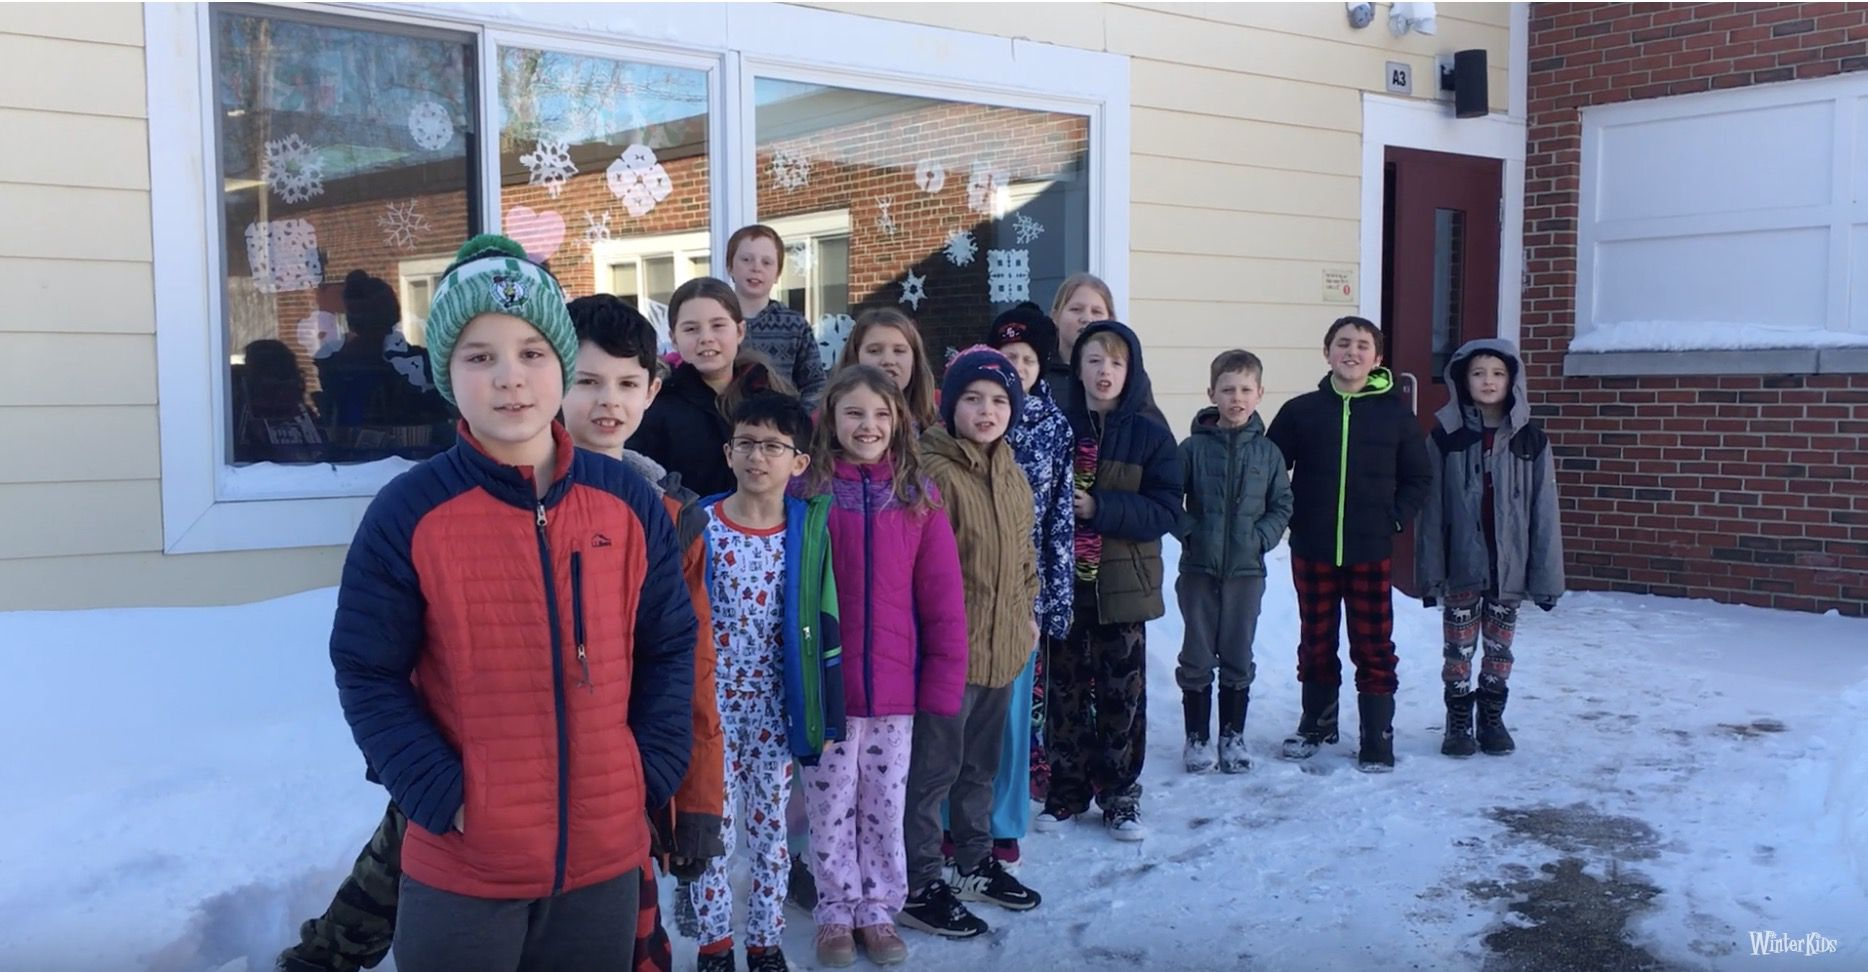 Burchard A Dunn Elementary – WinterKids Winter Games 2019